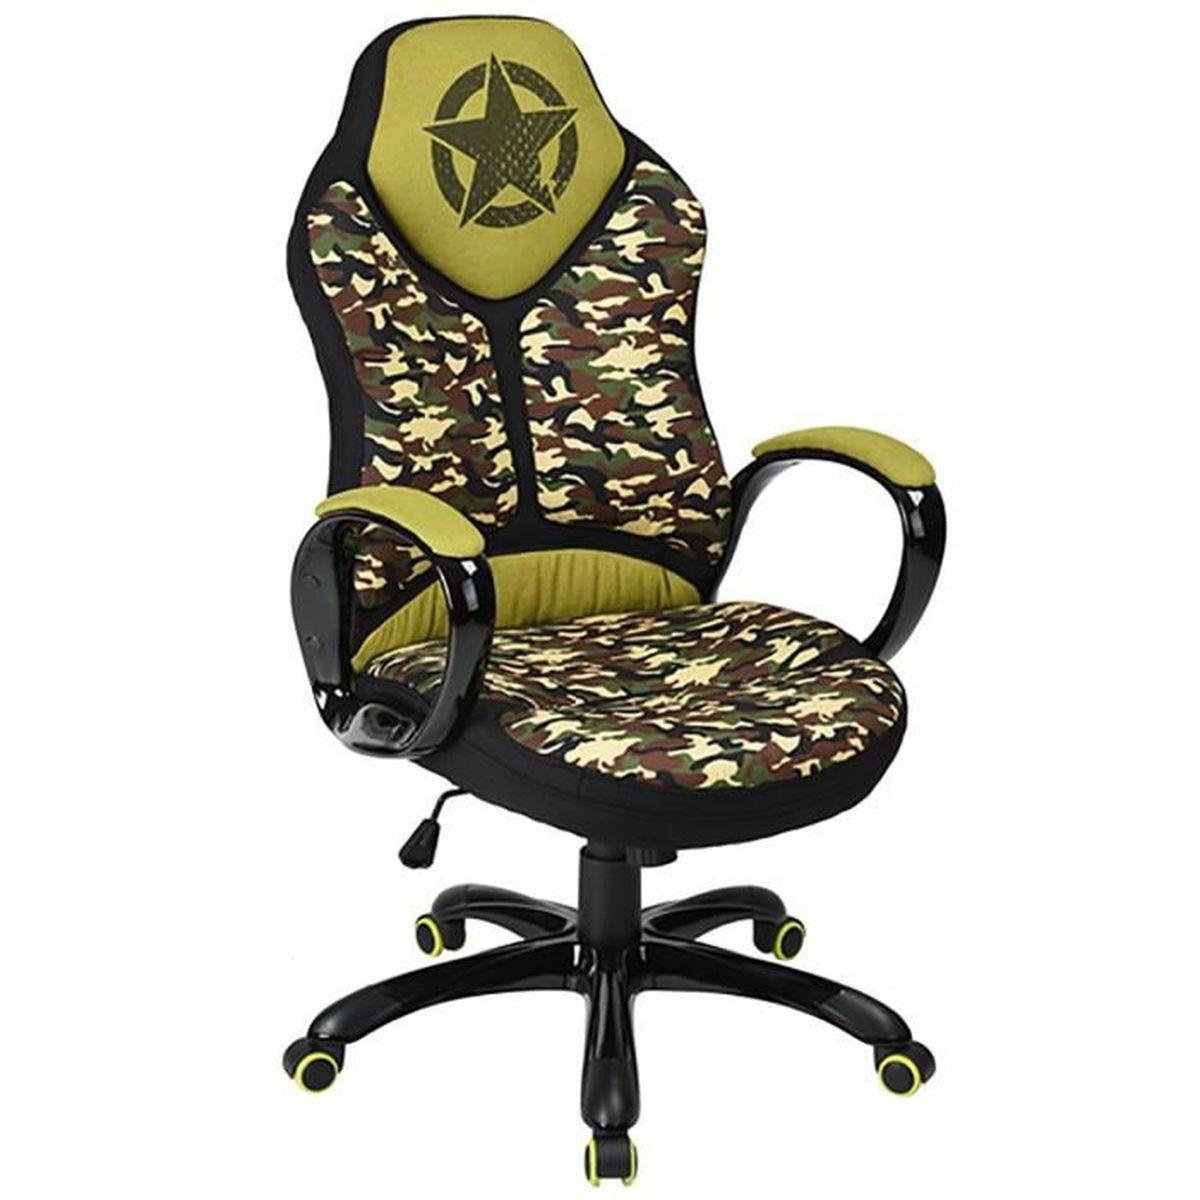 chaise de bureau originale - achat / vente pas cher